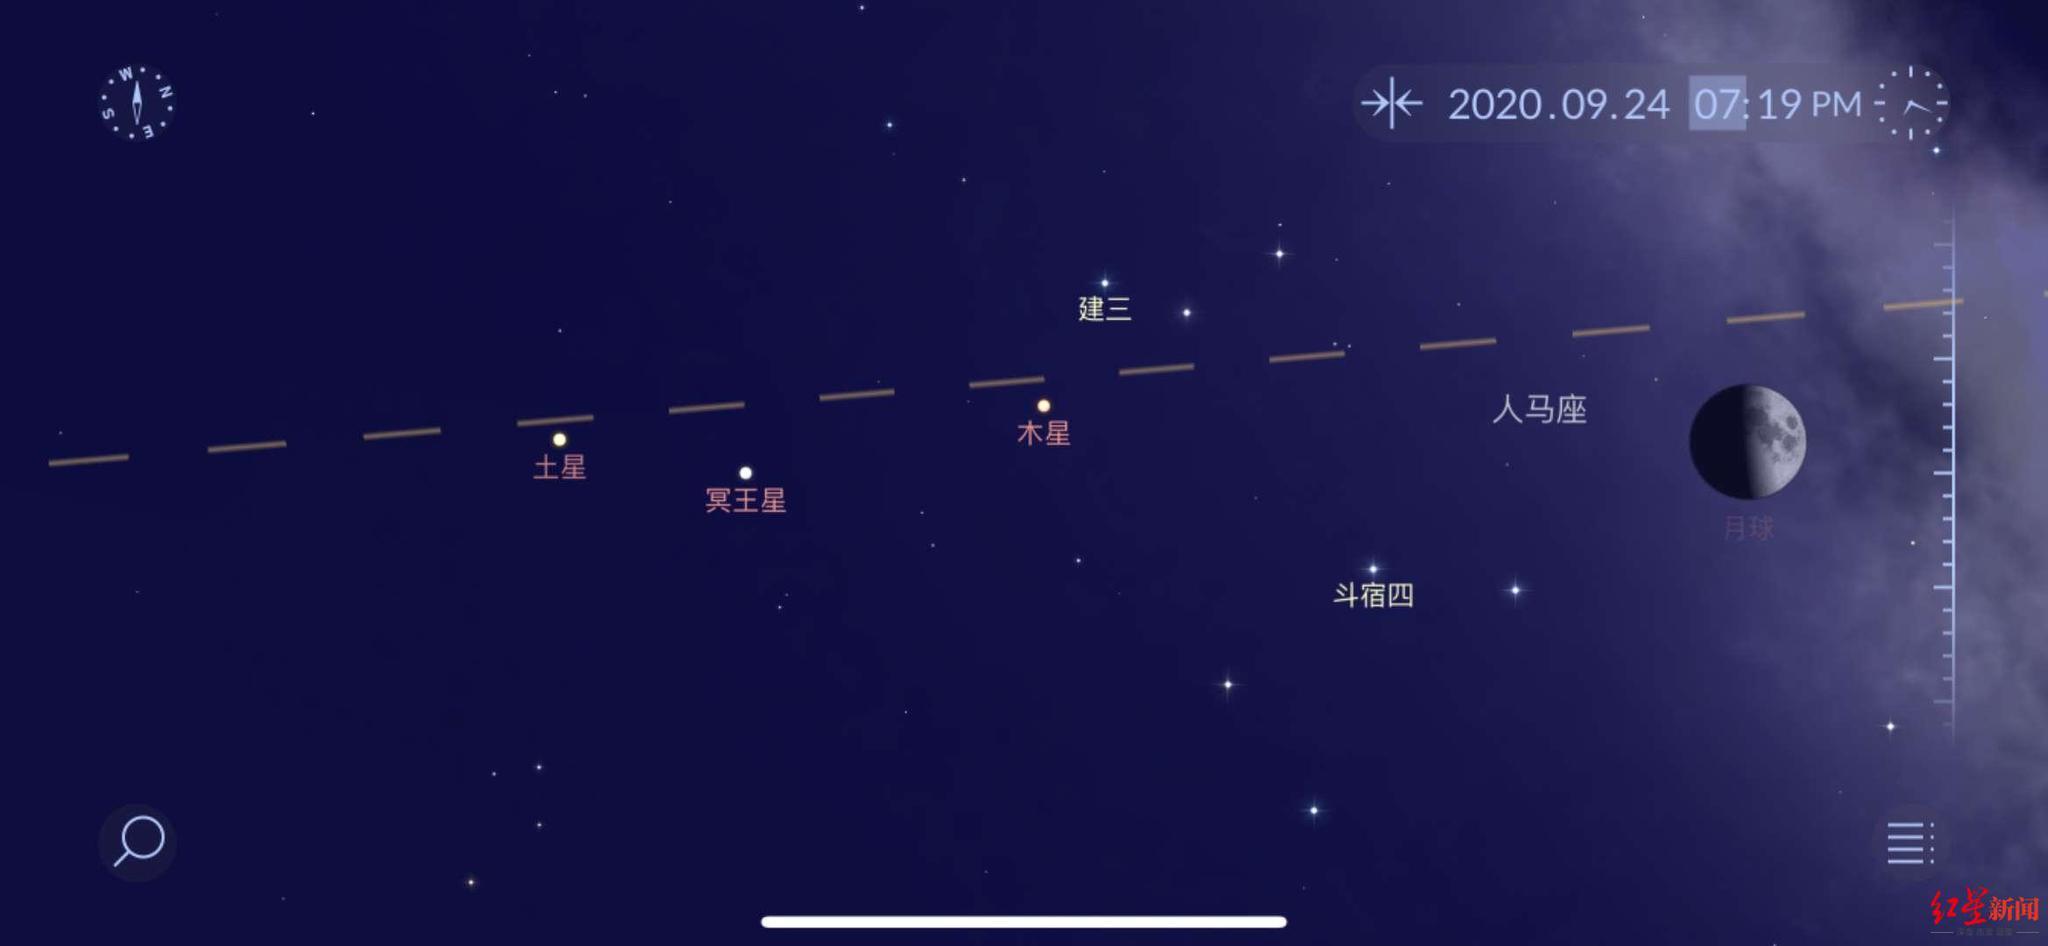 肉眼可见:土木双星伴月将连续上演 四川进入阴雨模式恐无缘观赏